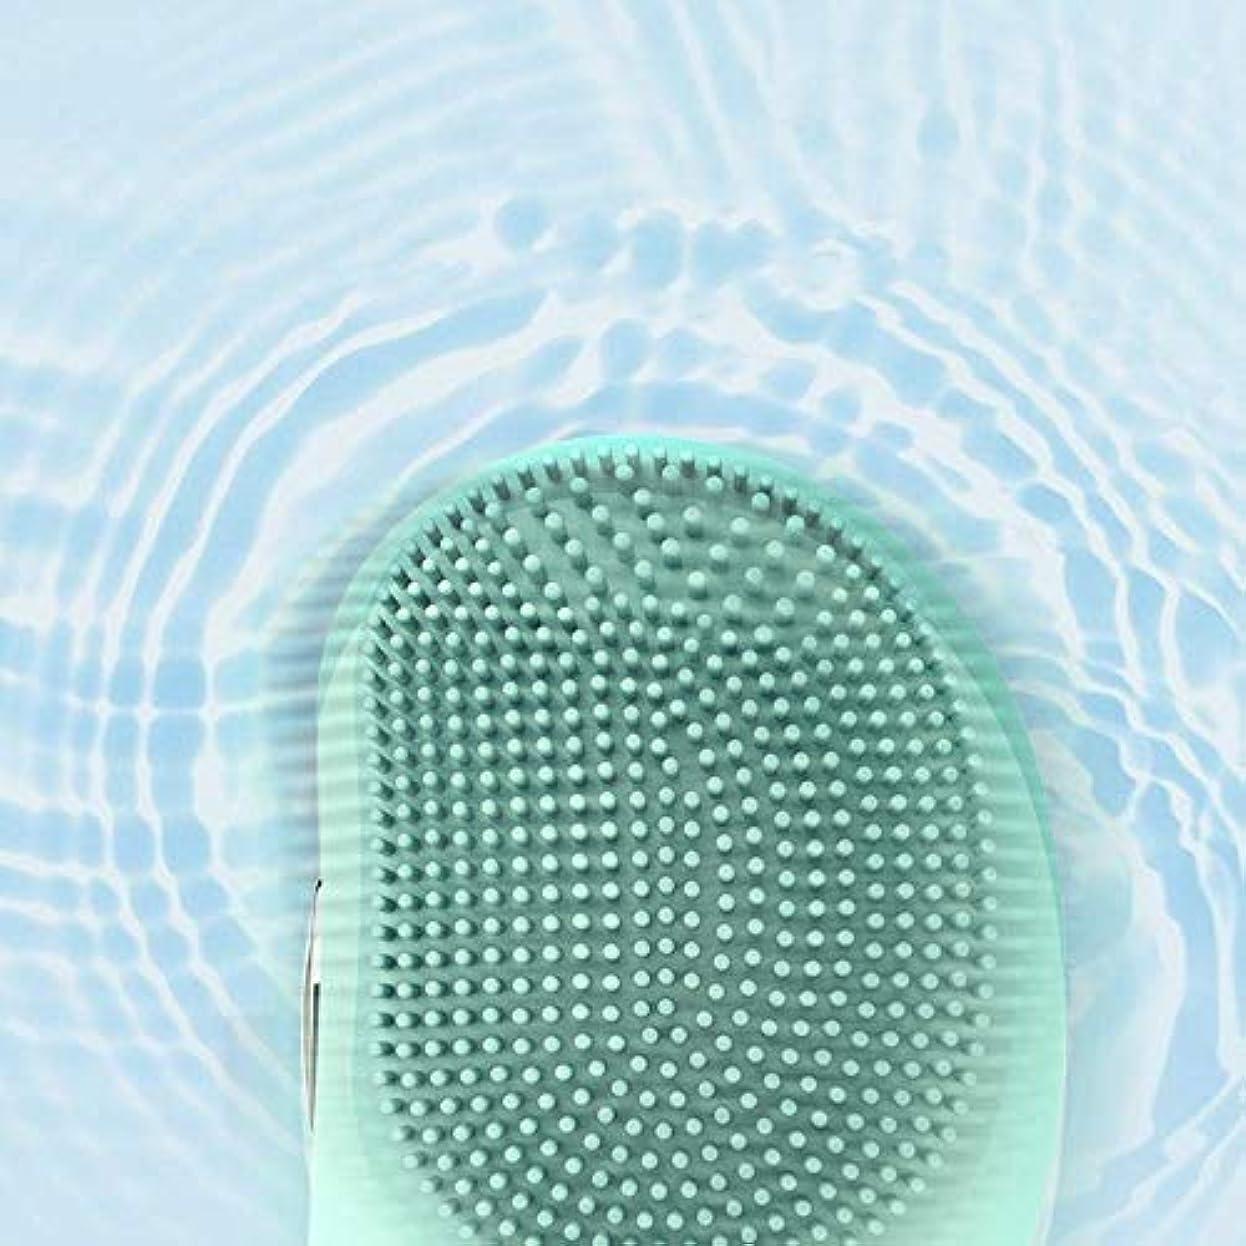 制限する放射性試験LYX 新エレクトリック防水シリコーンクレンジングブラシ、超音波振動ポータブルクレンジング器、マッサージ器、美容機器、家庭用クリーナーデトックスクリーニングブラシ (Color : 青)